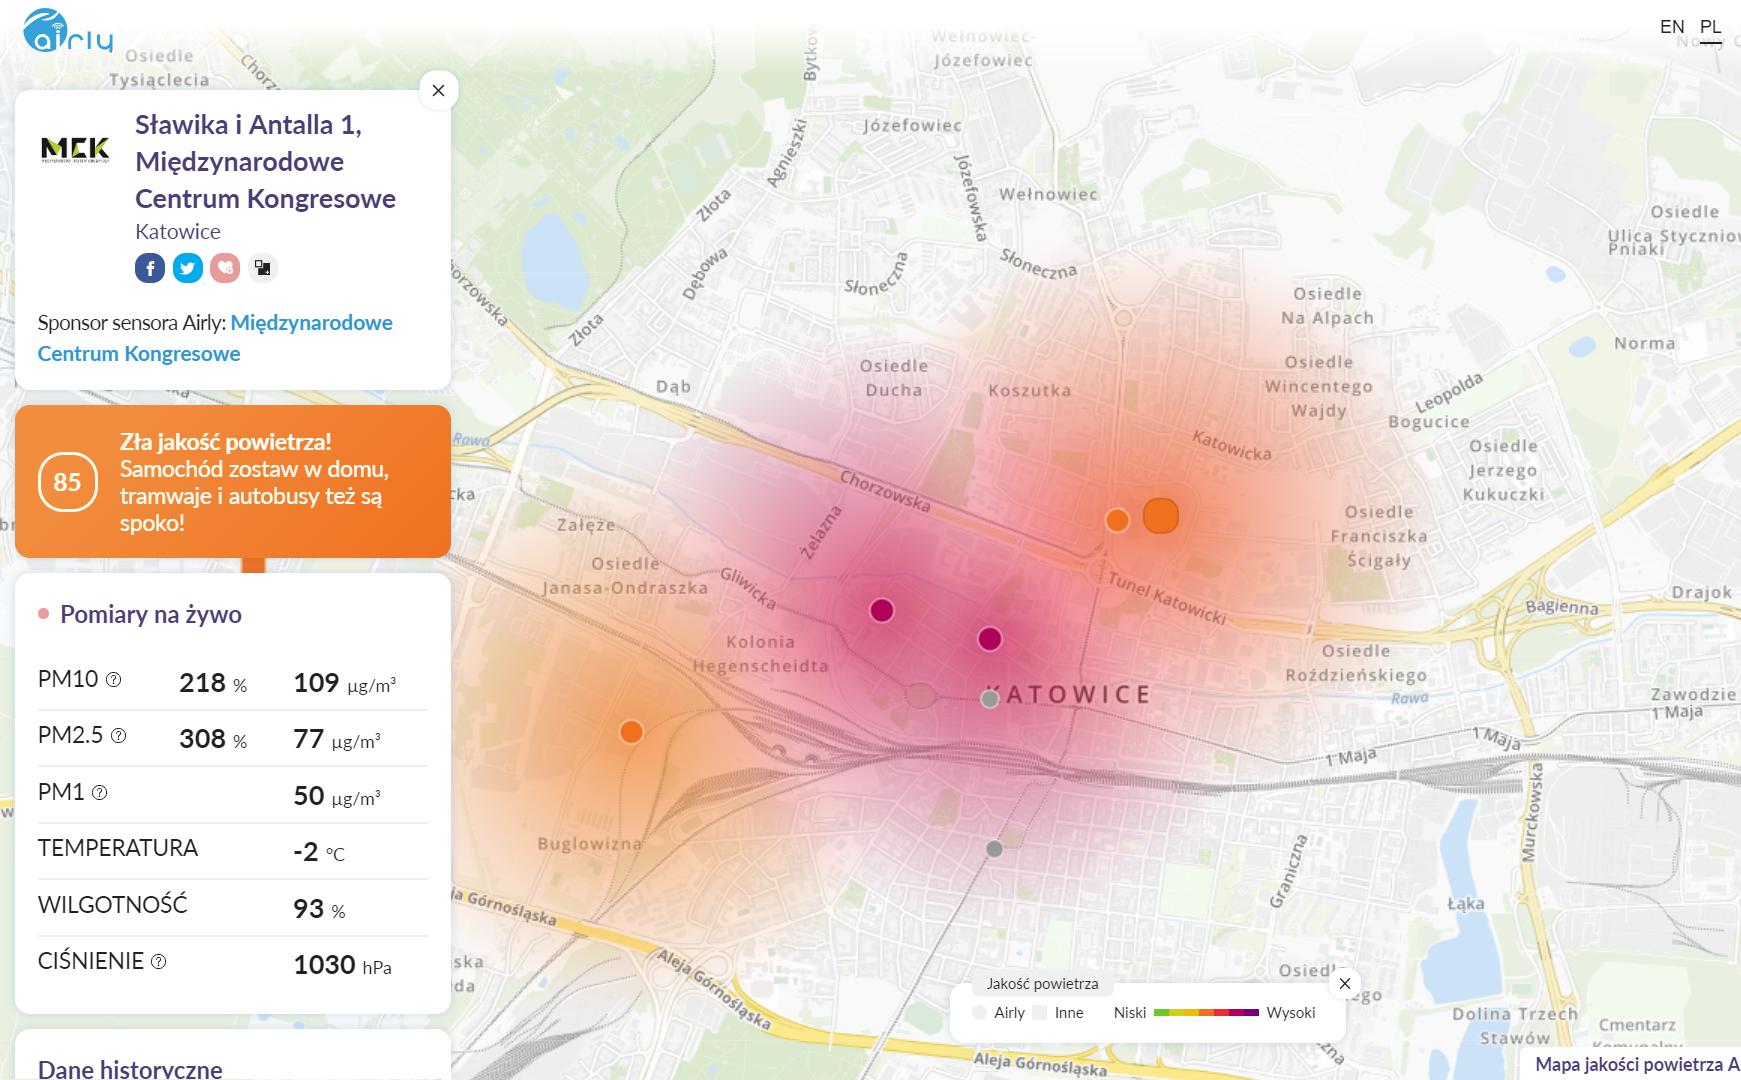 Jakość powietrza w Katowicach podczas COP24